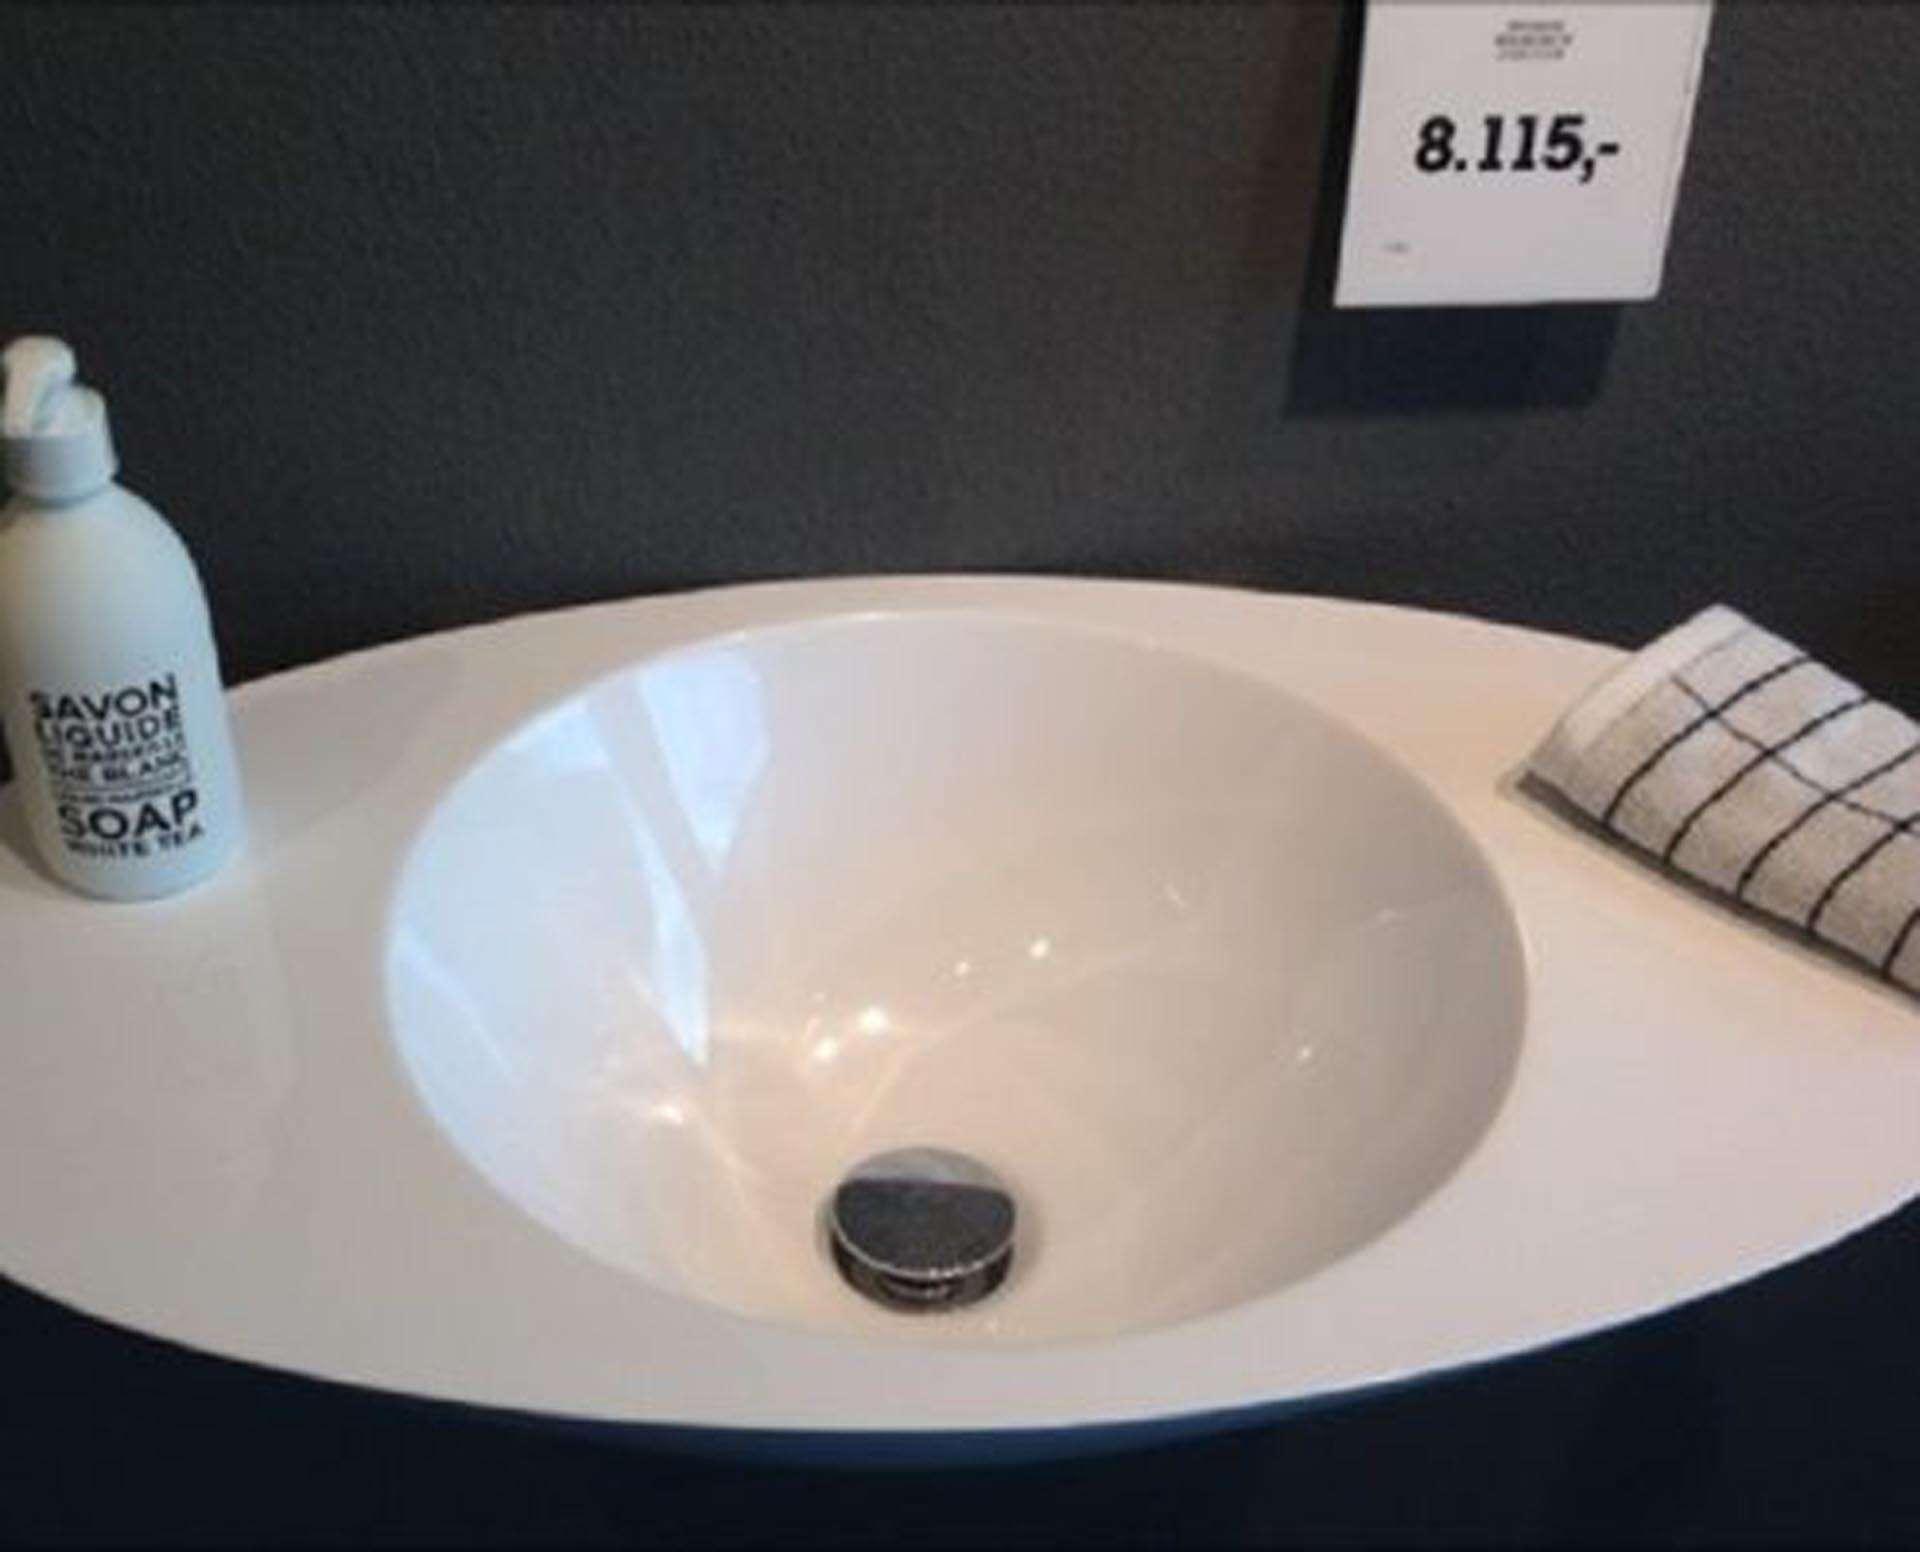 Flot designhåndvask i Kunstmarmor (Top-Solid). Vasken er lavet i hvid højglans komposit, som gør den meget nem at holde ren. Vasken har målene: 67 x 35 x 17,5 cm. Vasken tåler alle former for rengøringsmidler. Vasken kan på grund af sit design ikke stå på et skab men skal hænge på væggen. Vasken er hensynsmæssigt designet med fine rundinger, som både giver vasken et eksklusivt udtryk og gør den rengøringsvenlig. Vasken vedligeholdes med voks - vi anbefaler en behandling med vores egen naturvoks ID12002 et par gange om året for at opnå optimalt look.